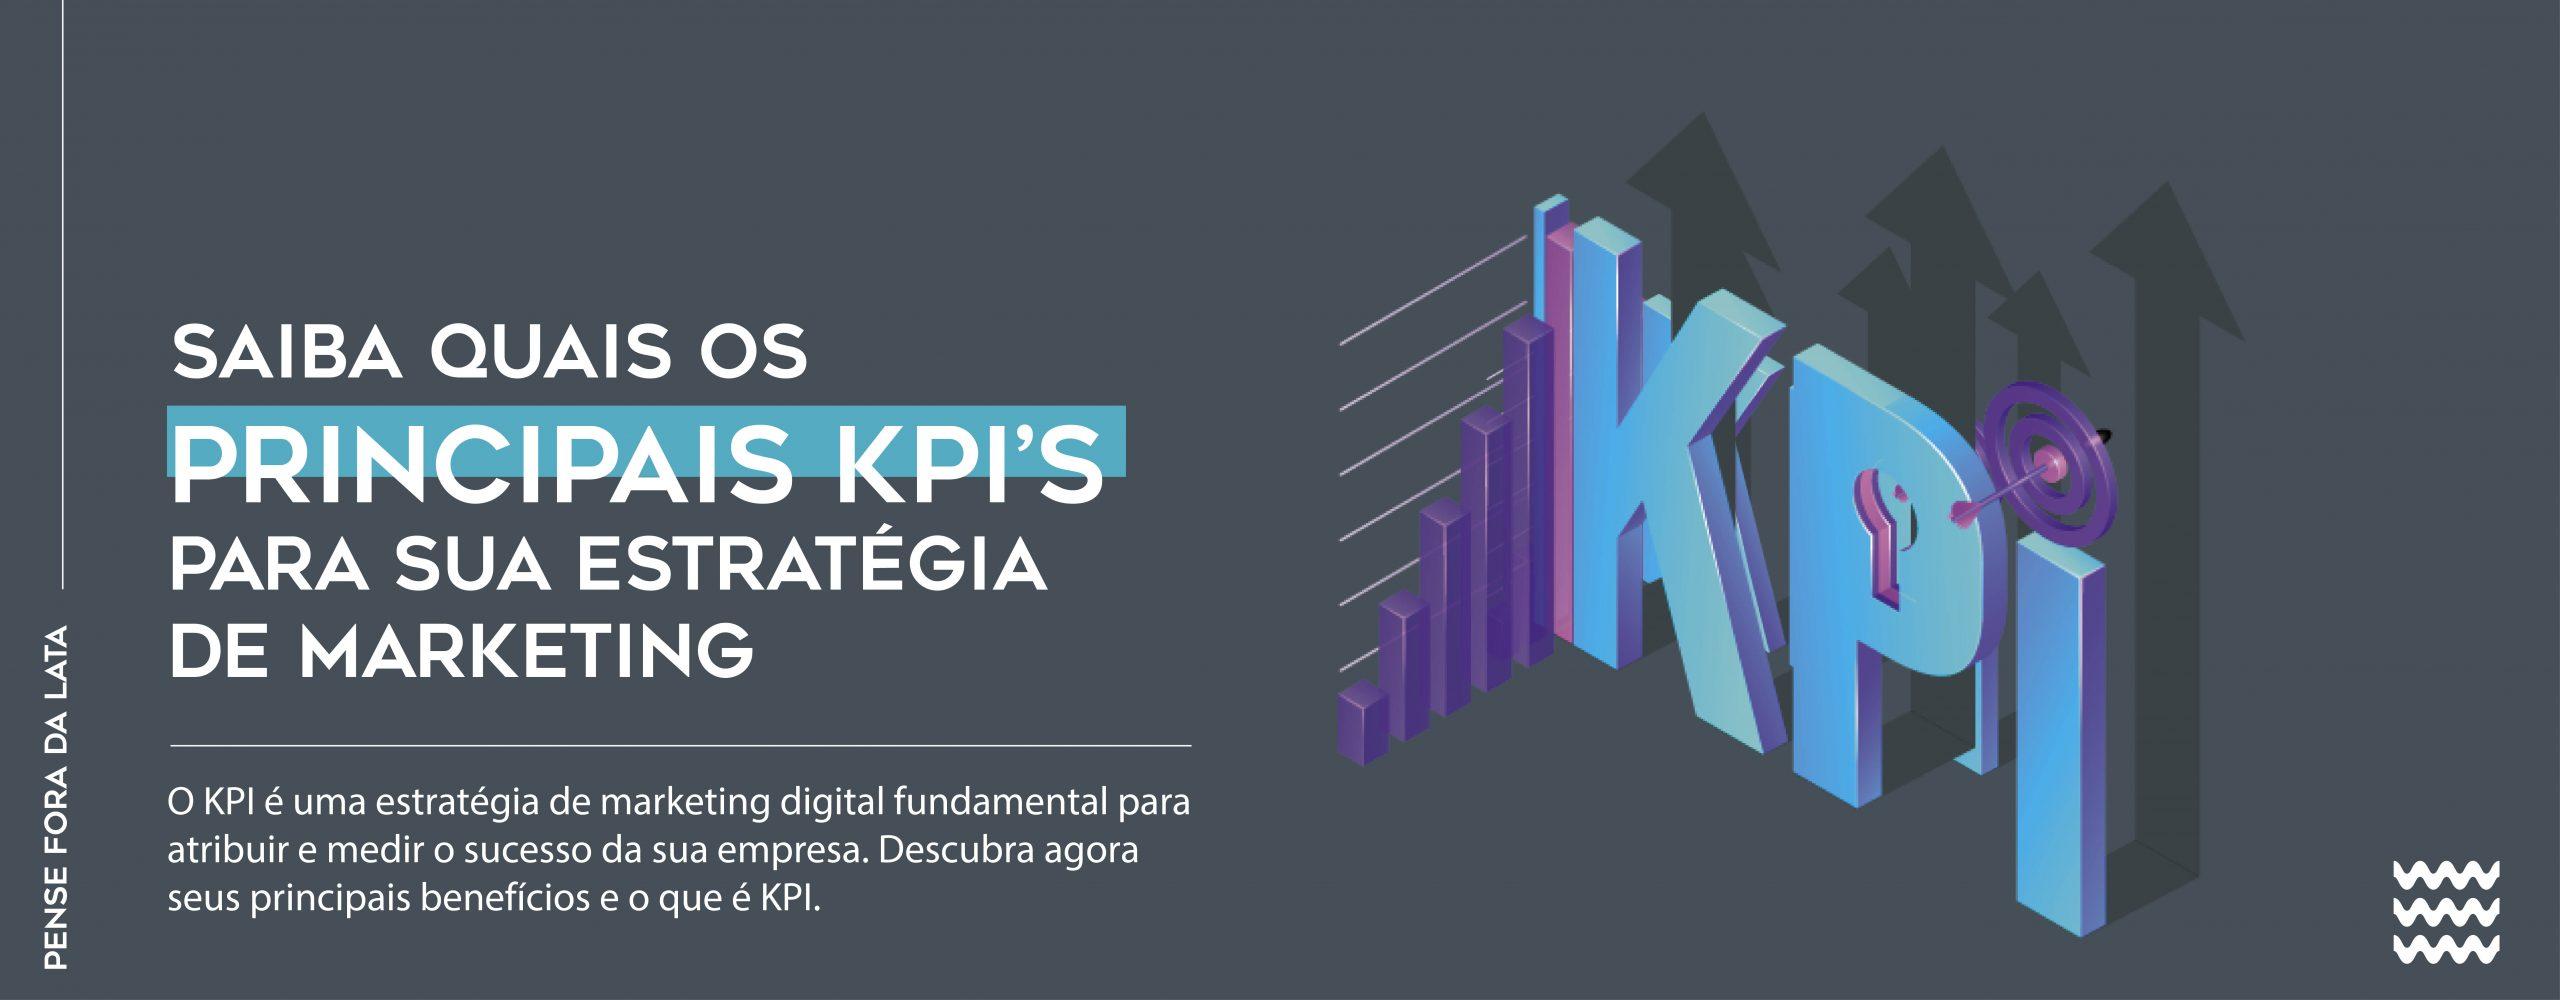 Saiba quais os principais KPI`s para sua estratégia de marketing